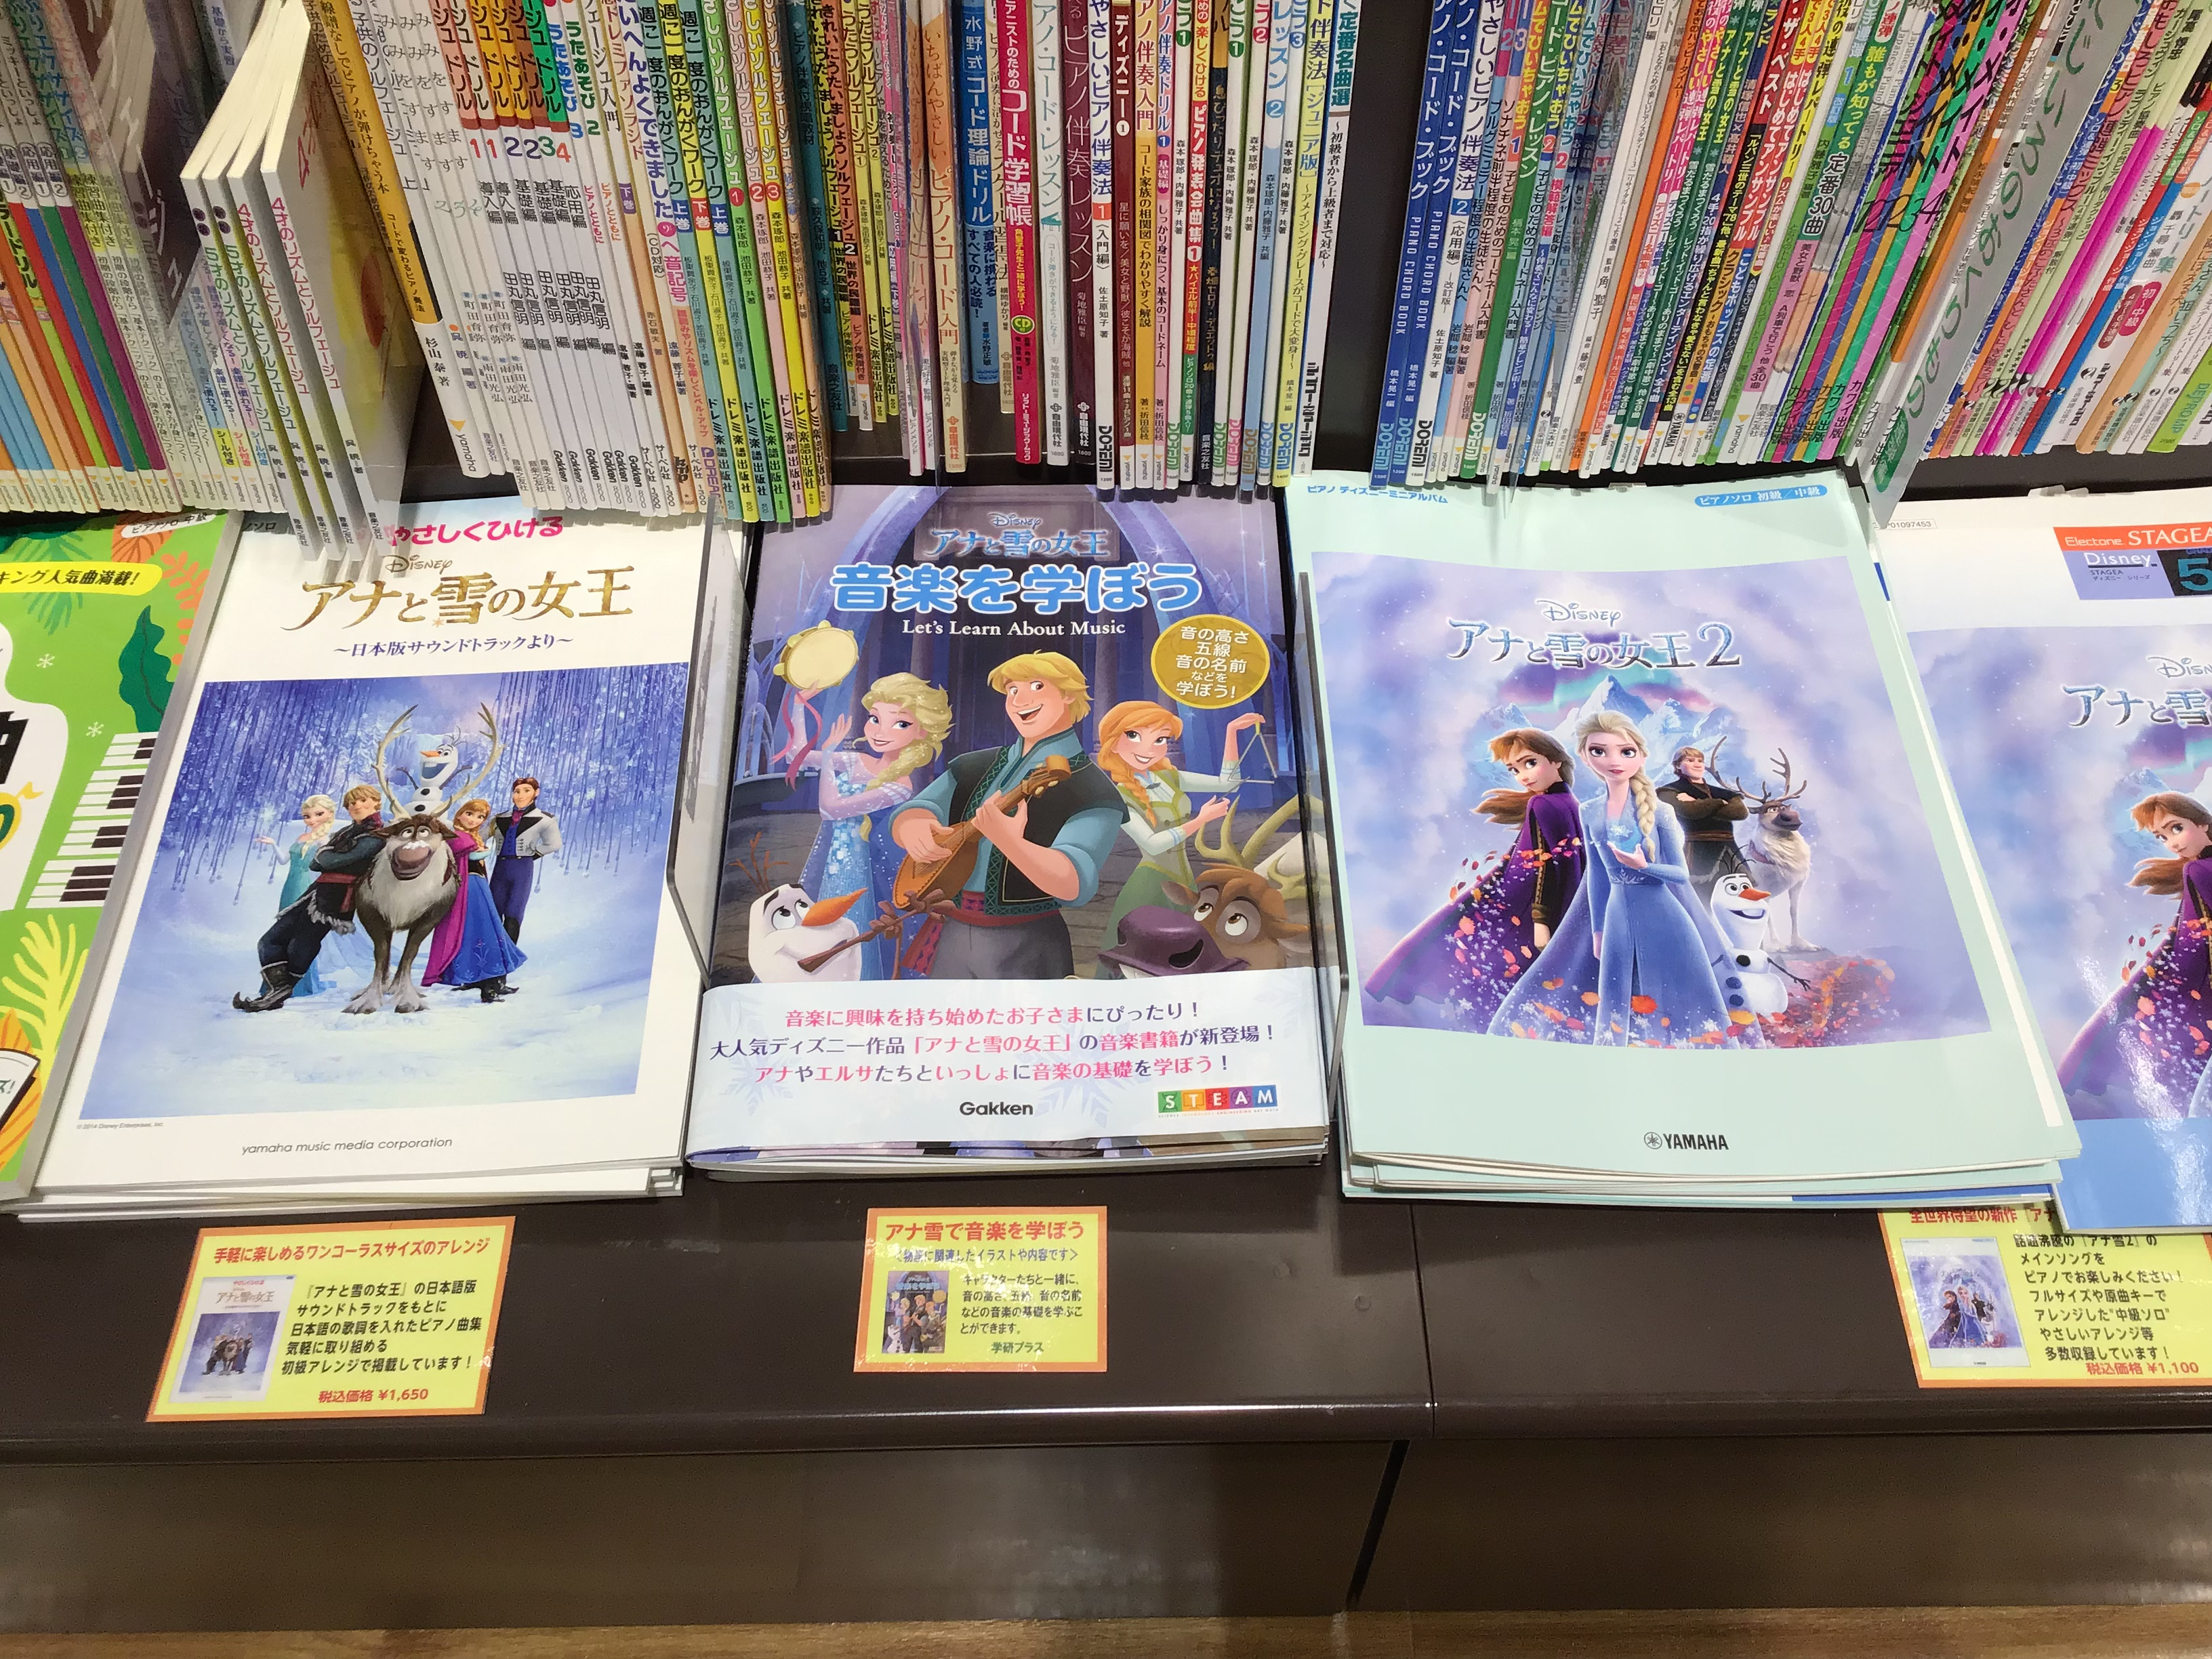 島村楽器ららぽーと富士見店 楽譜 アナと雪の女王